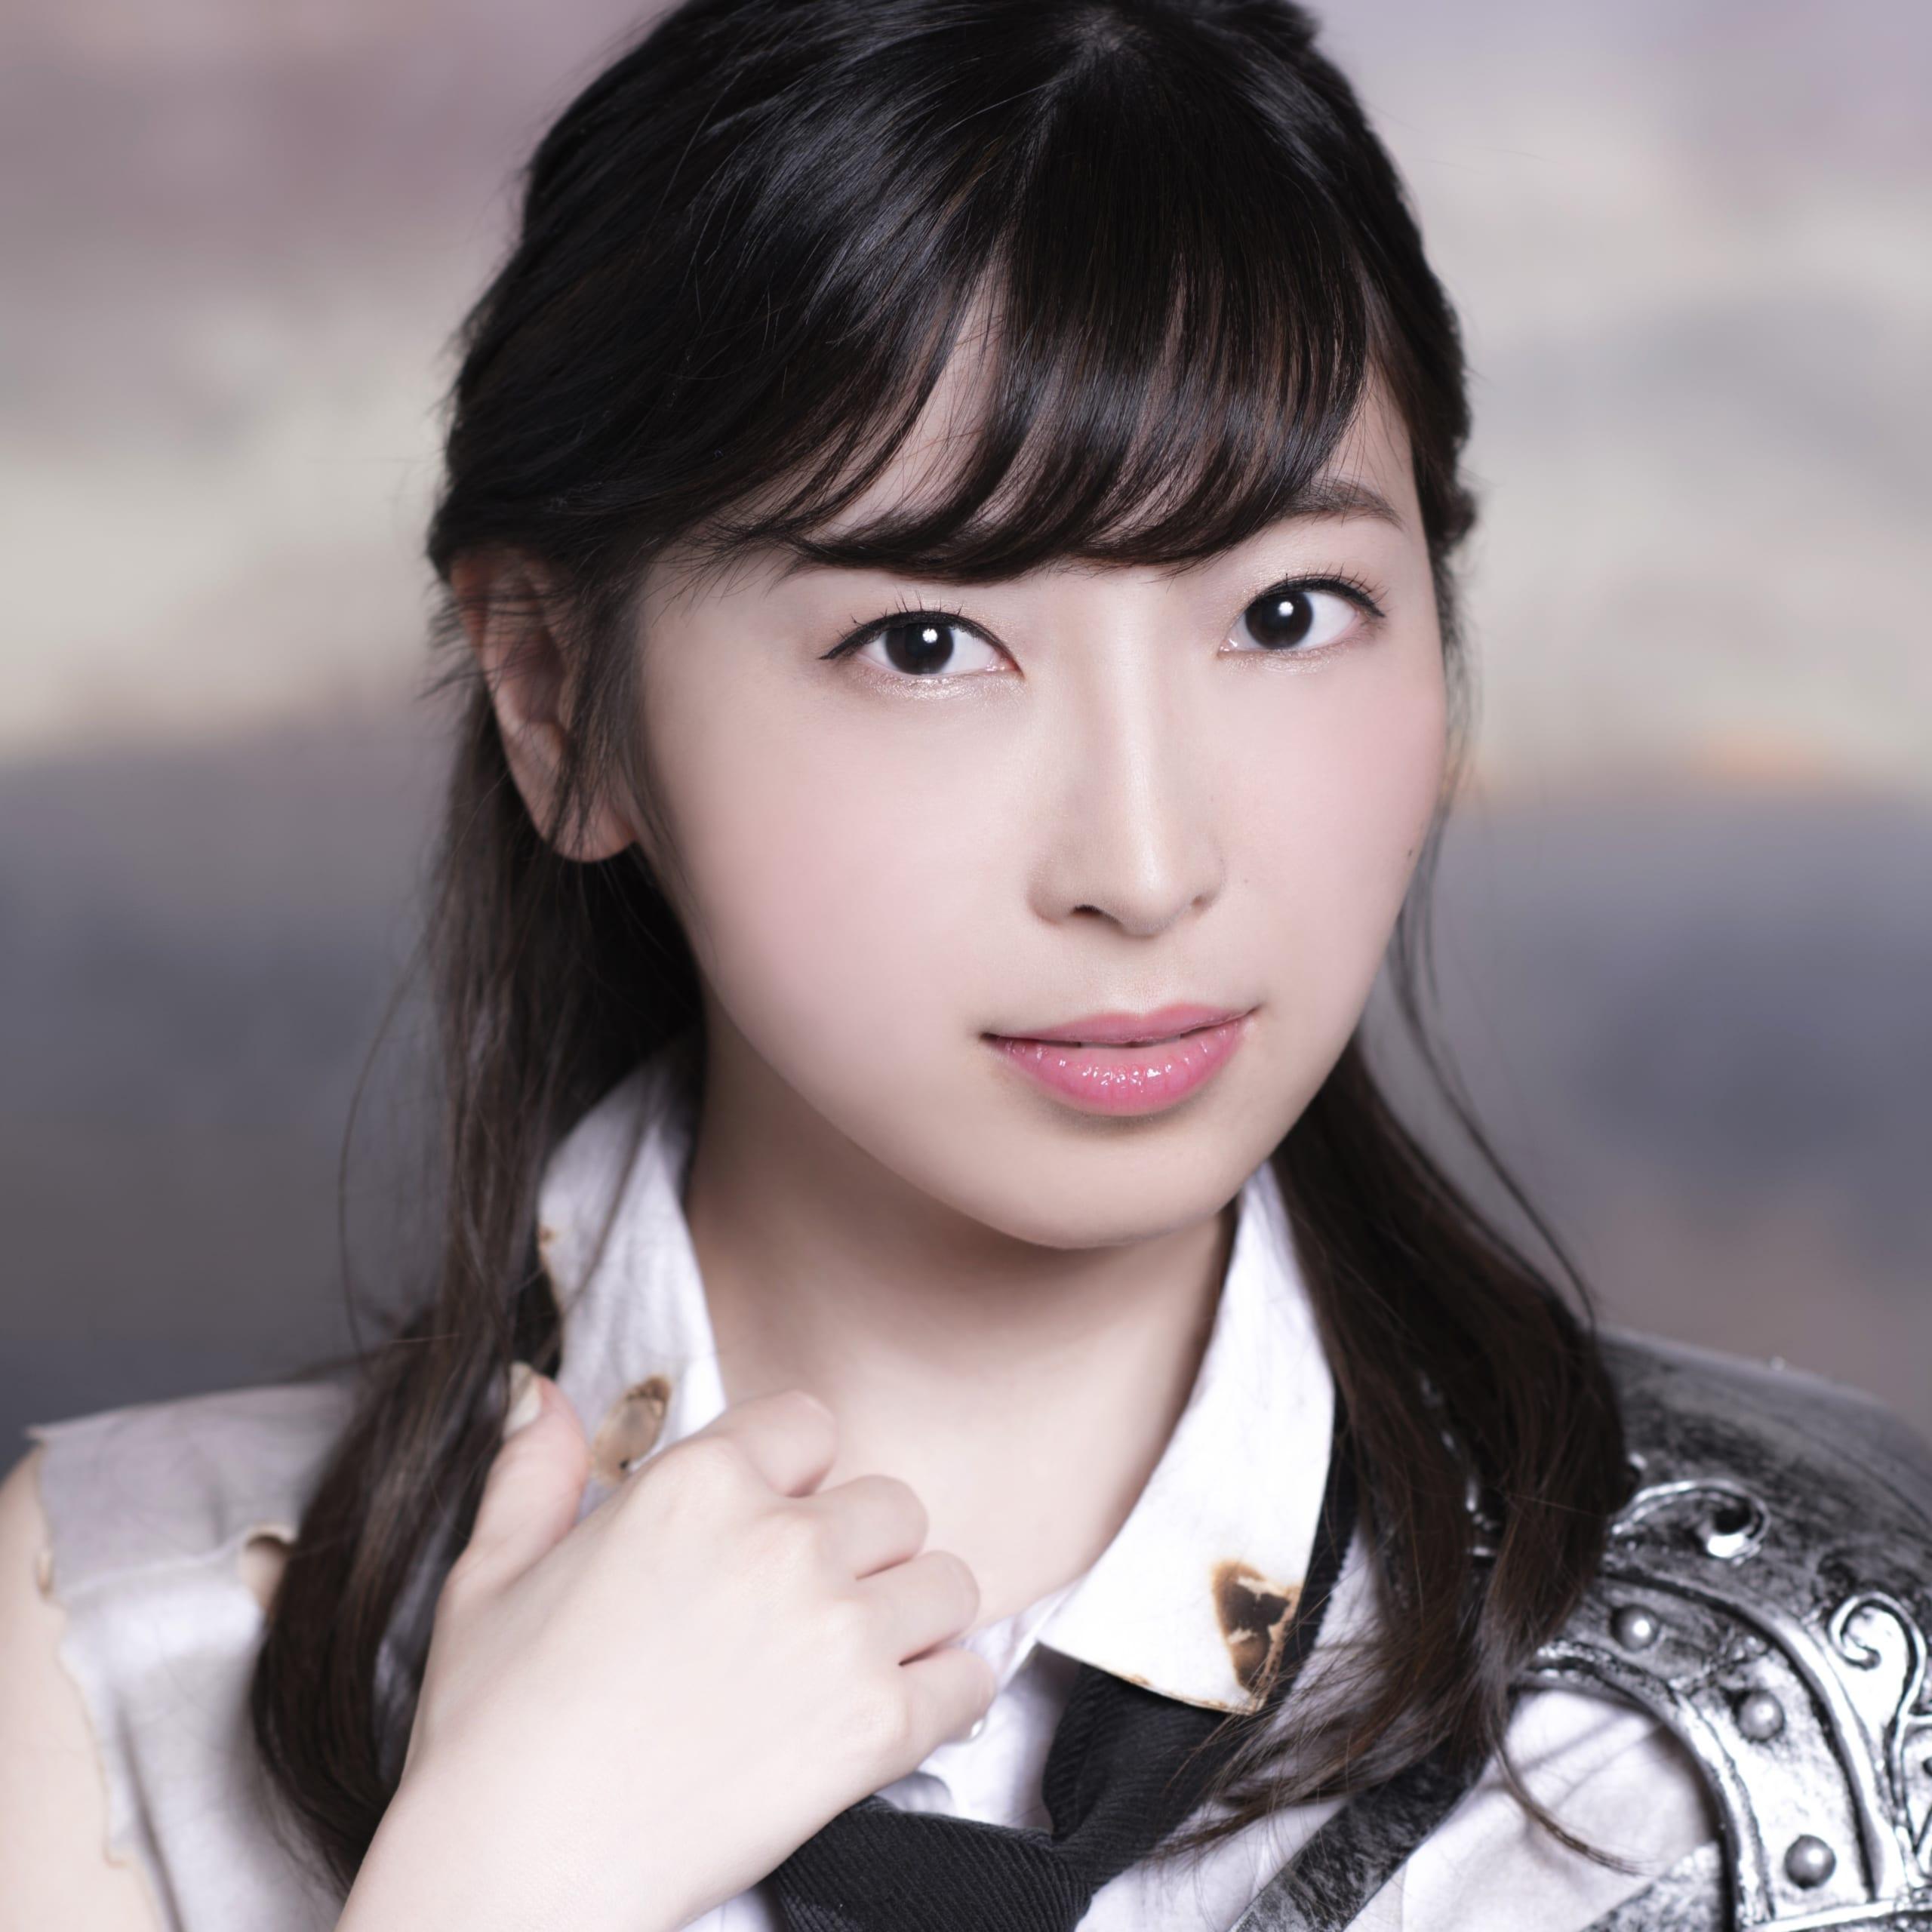 SKE48大矢真那「袖のふりふりがお気に入り♪」【「ガチ私服」抜き打ちチェック!】